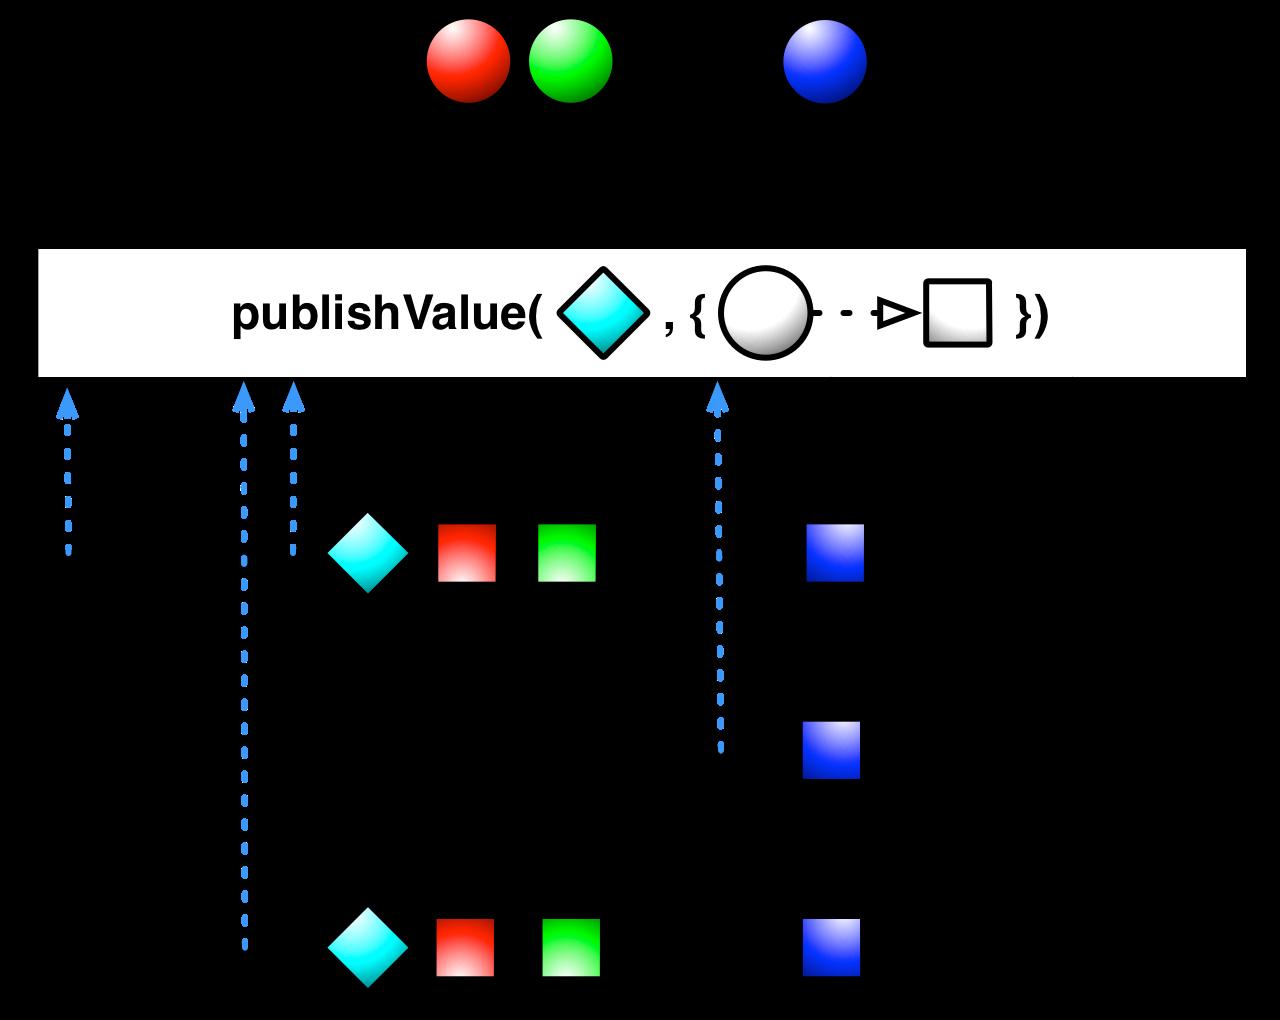 publishValue